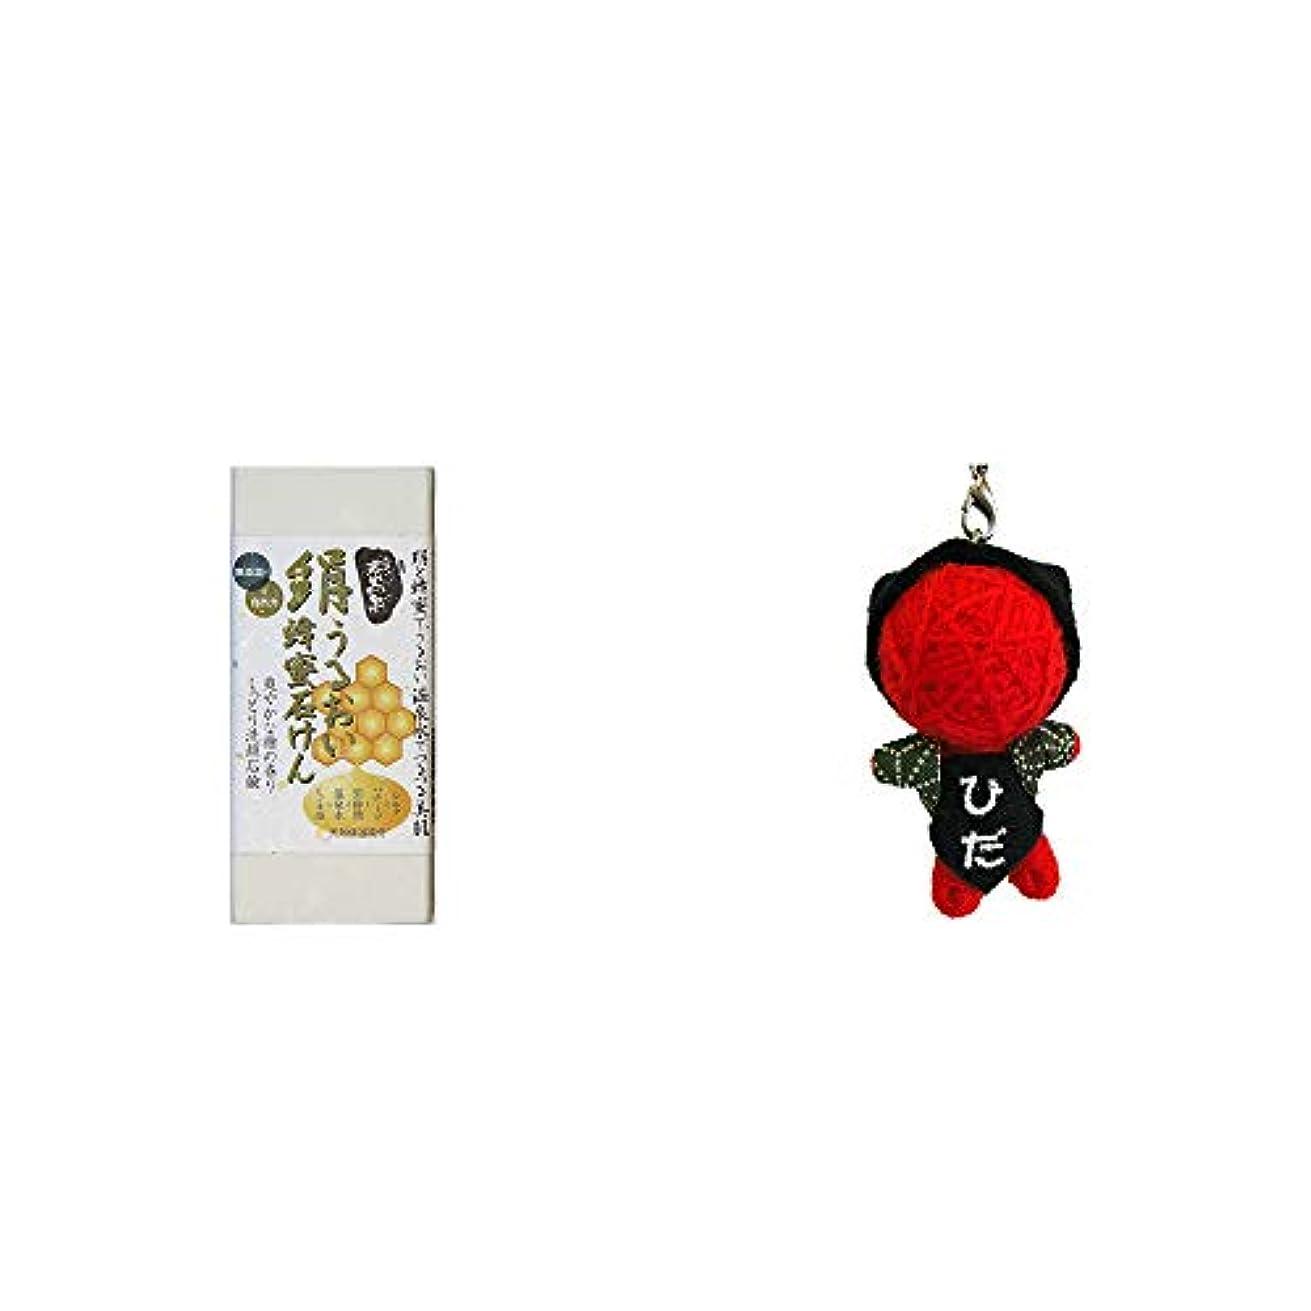 オーク敏感な同盟[2点セット] ひのき炭黒泉 絹うるおい蜂蜜石けん(75g×2)?ハッピー さるぼぼドール ブドゥドール(ストラップ) / 魔除け?身代わり人形 //